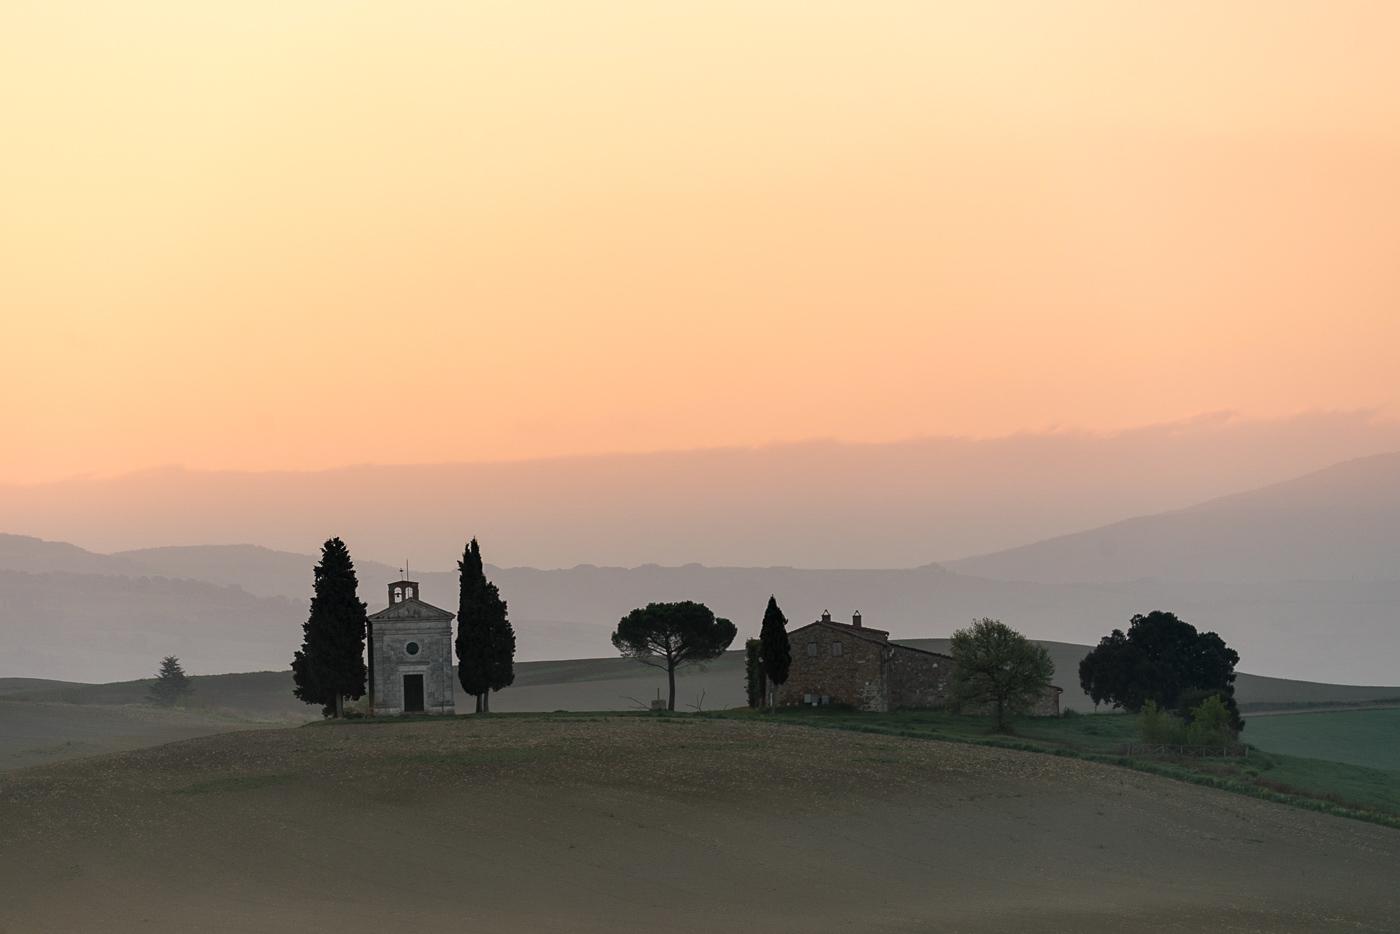 Sony a7R II. Cappella della Madonna di Vitaleta, San Quirico d'Orcia, Siena, Toscana.